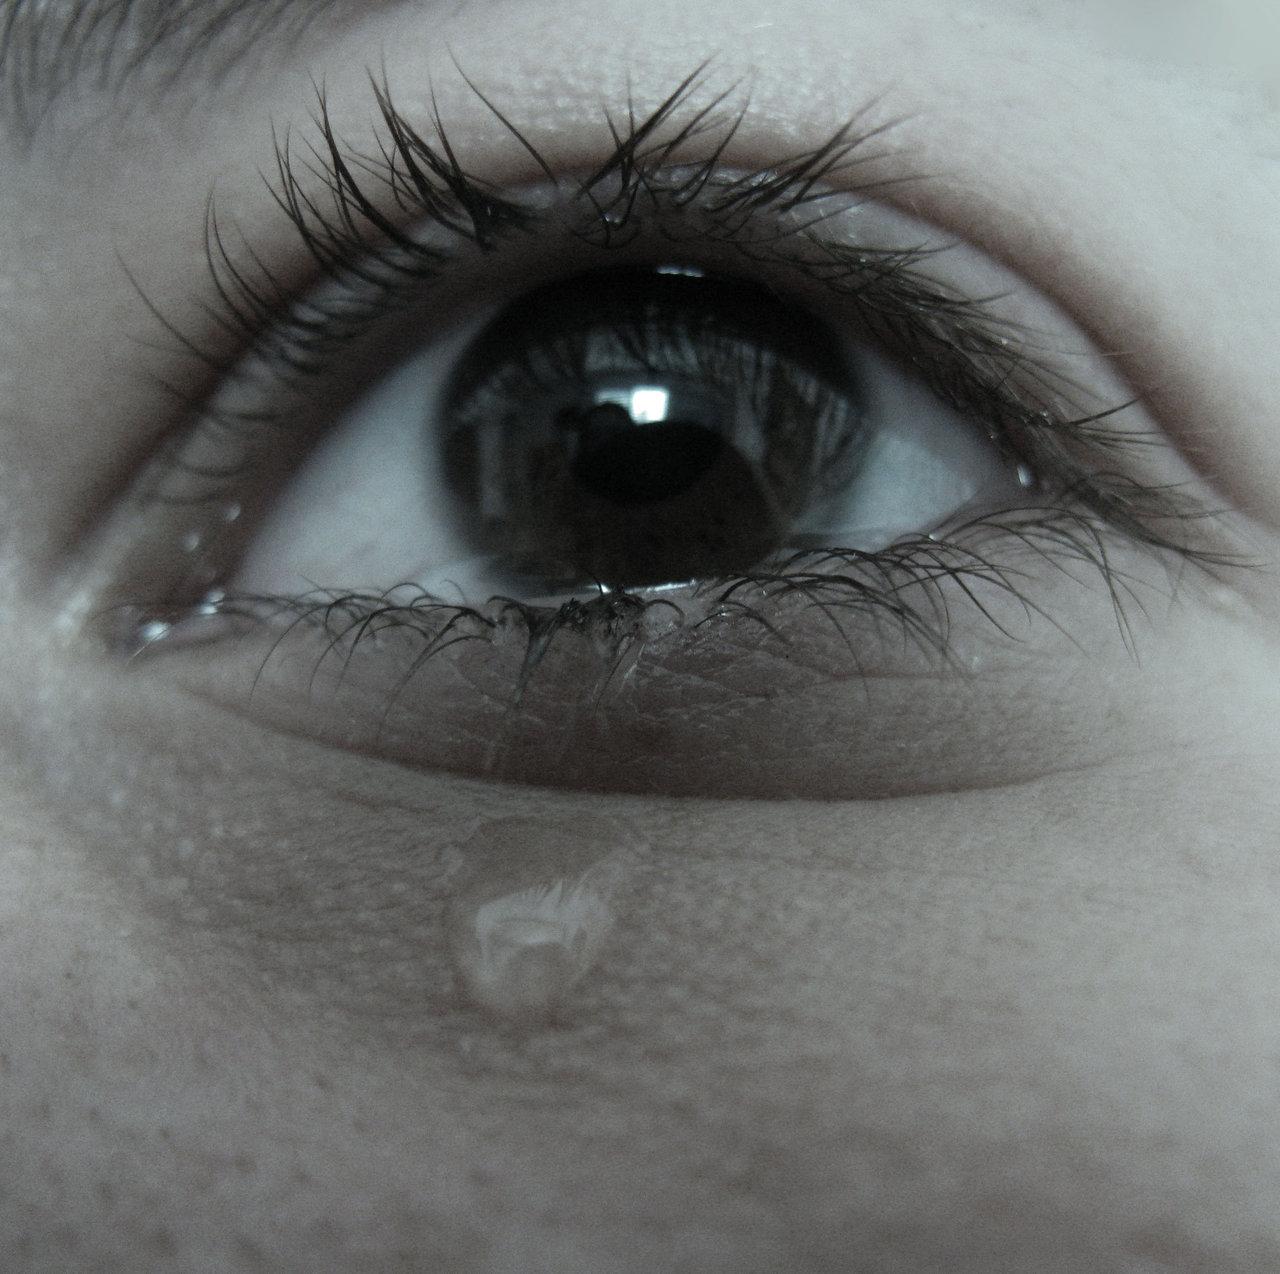 صورة صور عيون حزينه , الحزن و تاثيره على العيون